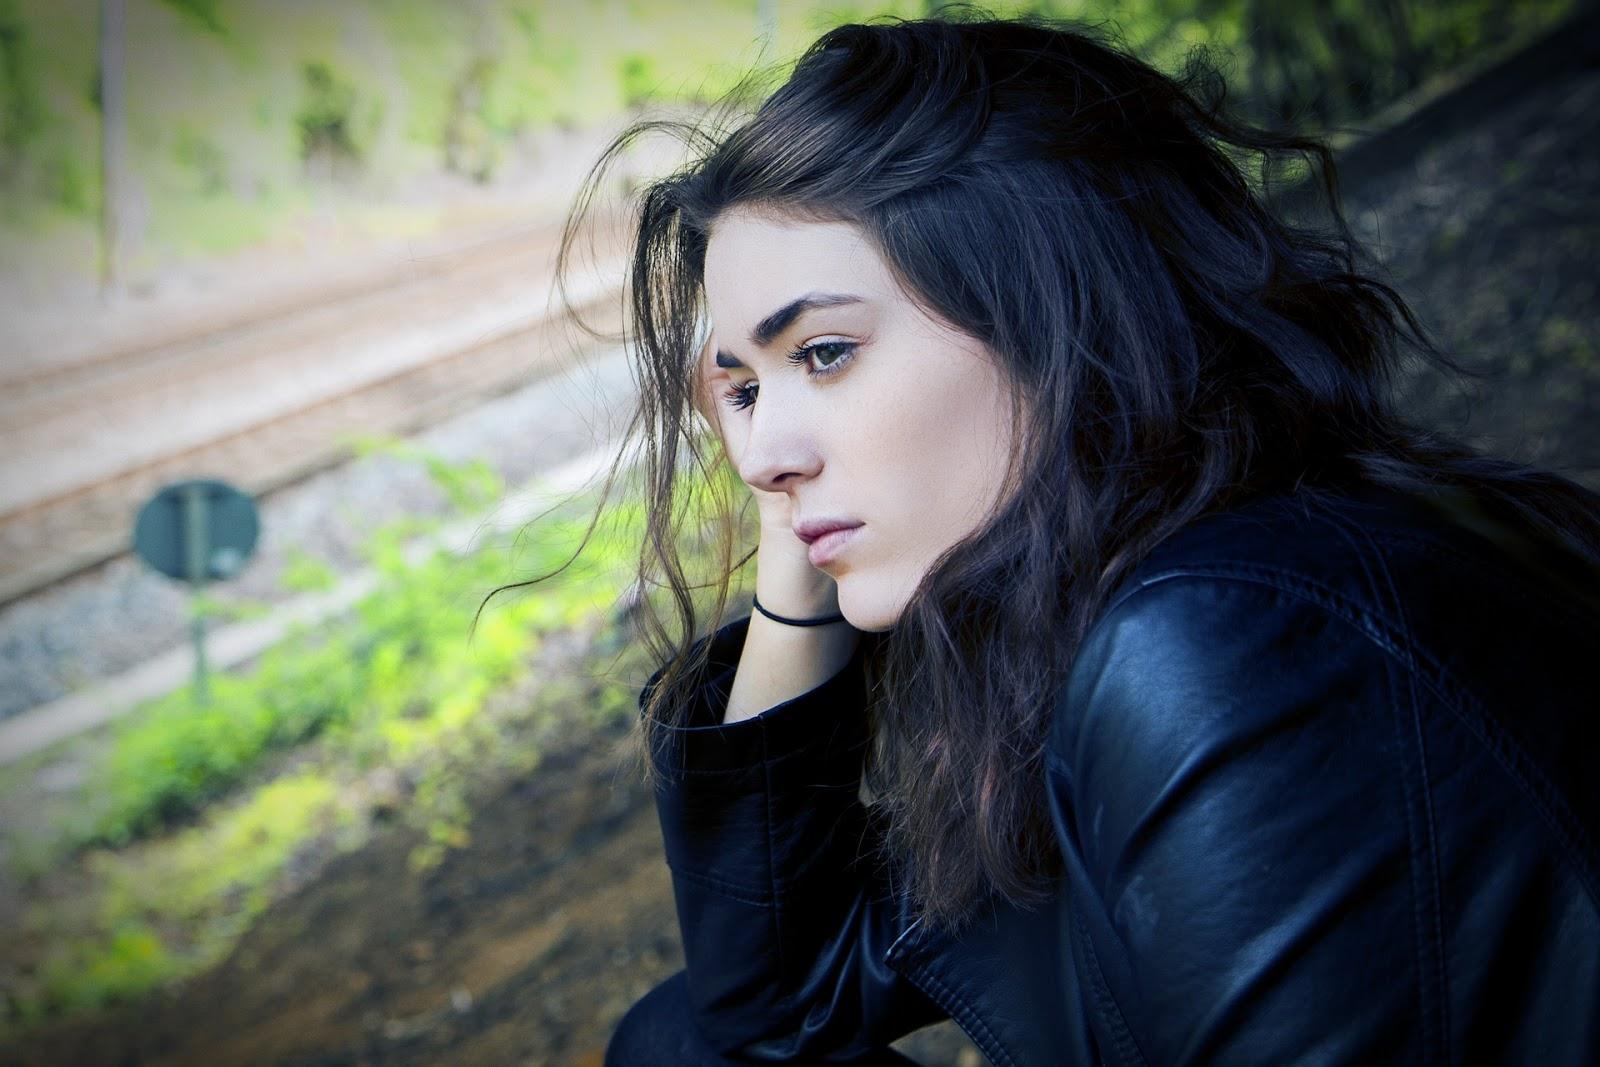 sad dp pics for girl